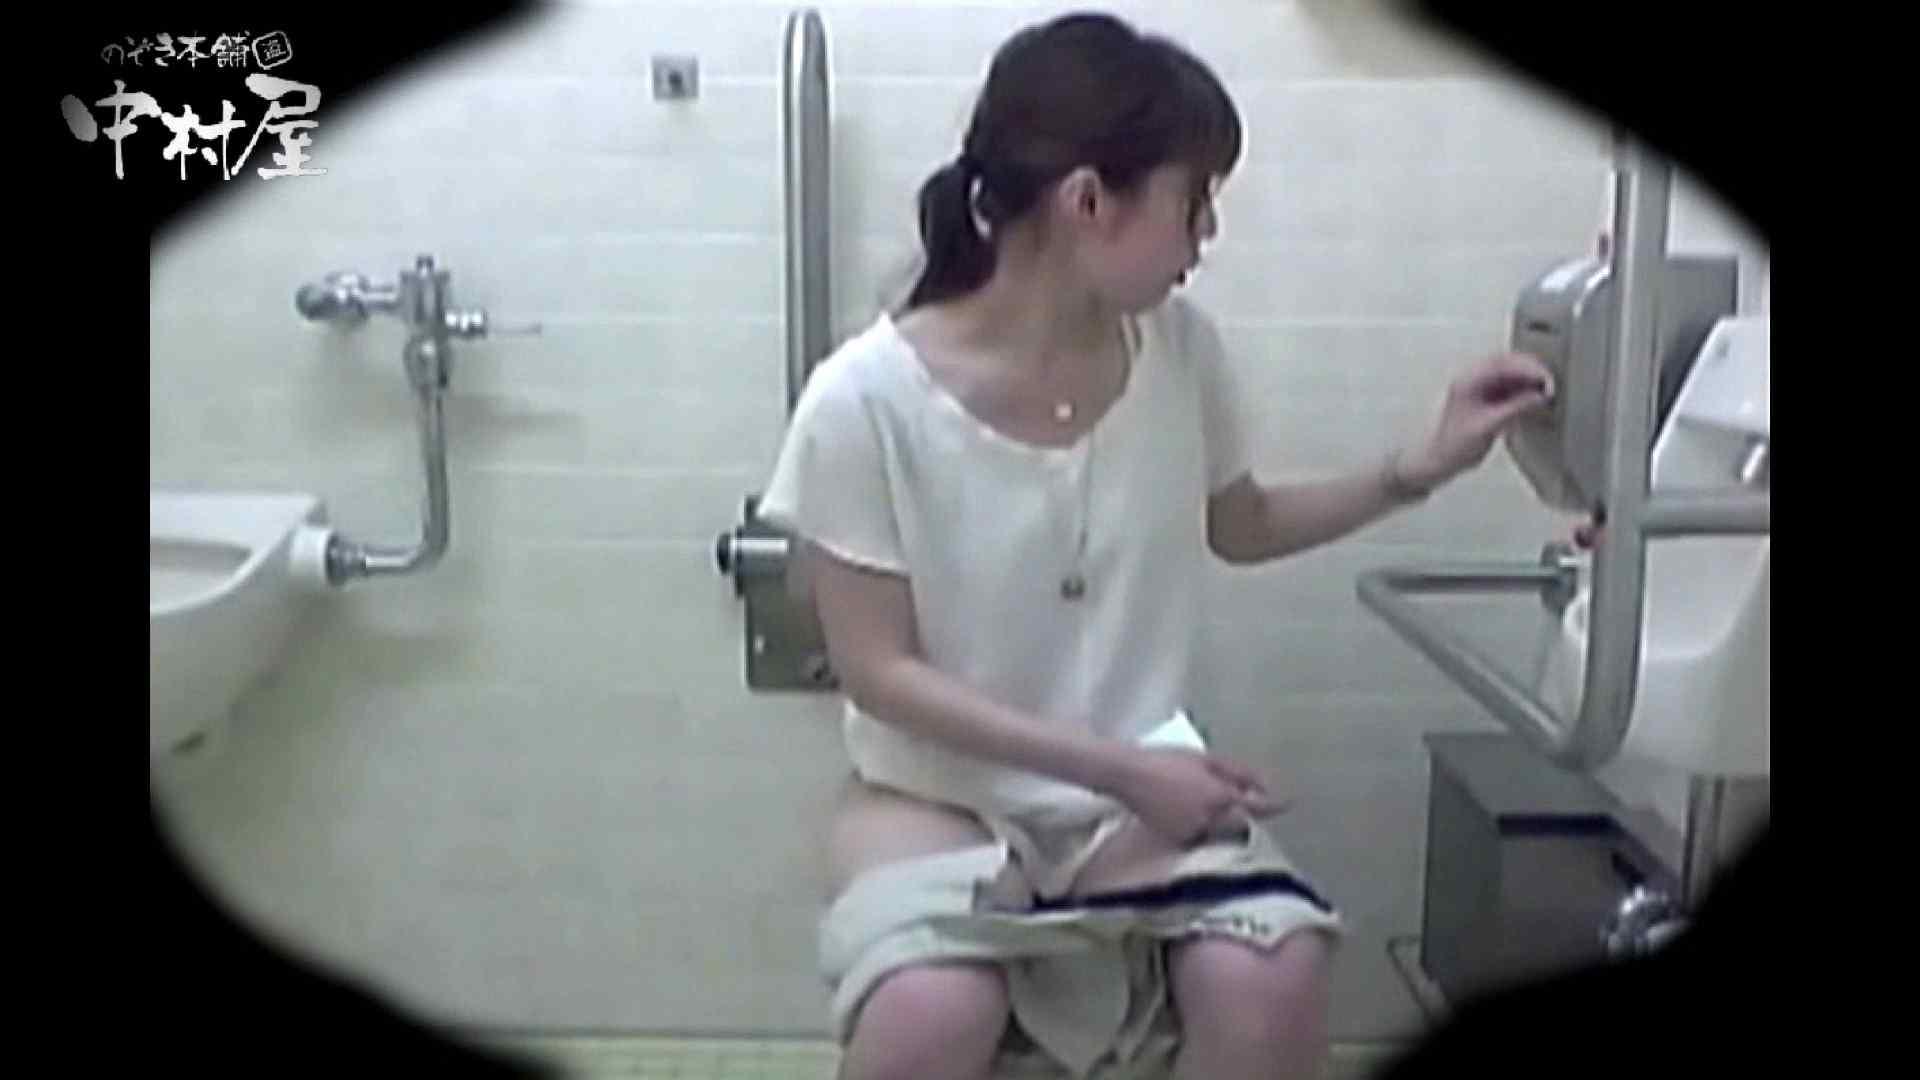 teen galトイレ覗き紙がナイ編‼vol.10 トイレ | 浴衣 盗撮 100PIX 82